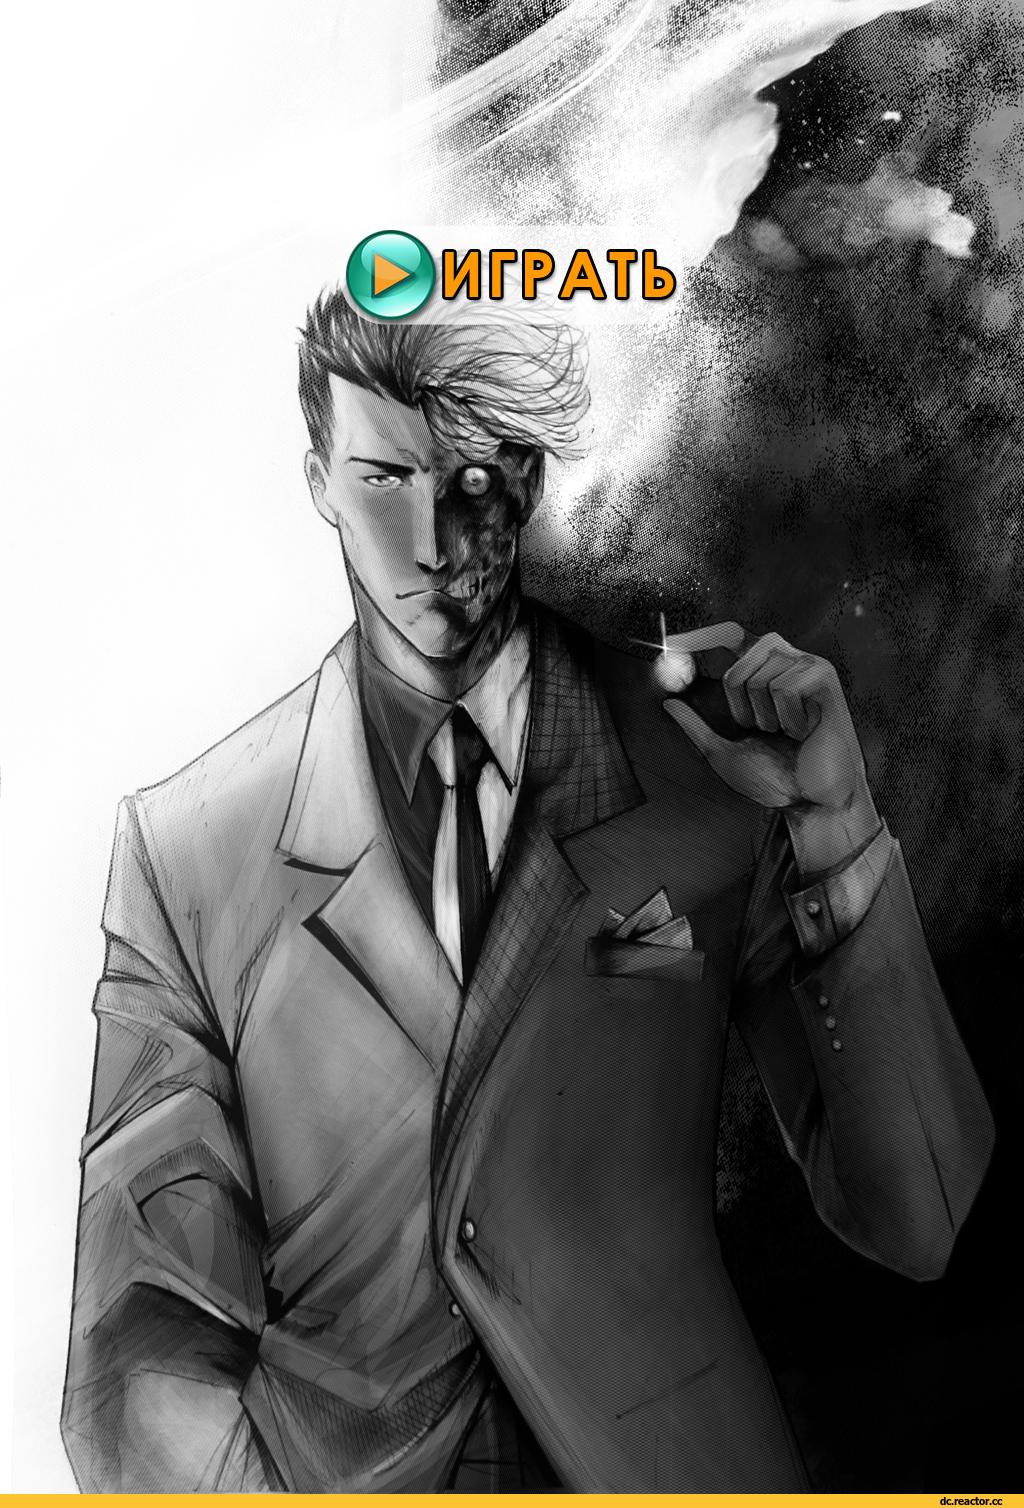 Зомби в городе больница - новый текстовый квест от Danja. Играть онлайн.